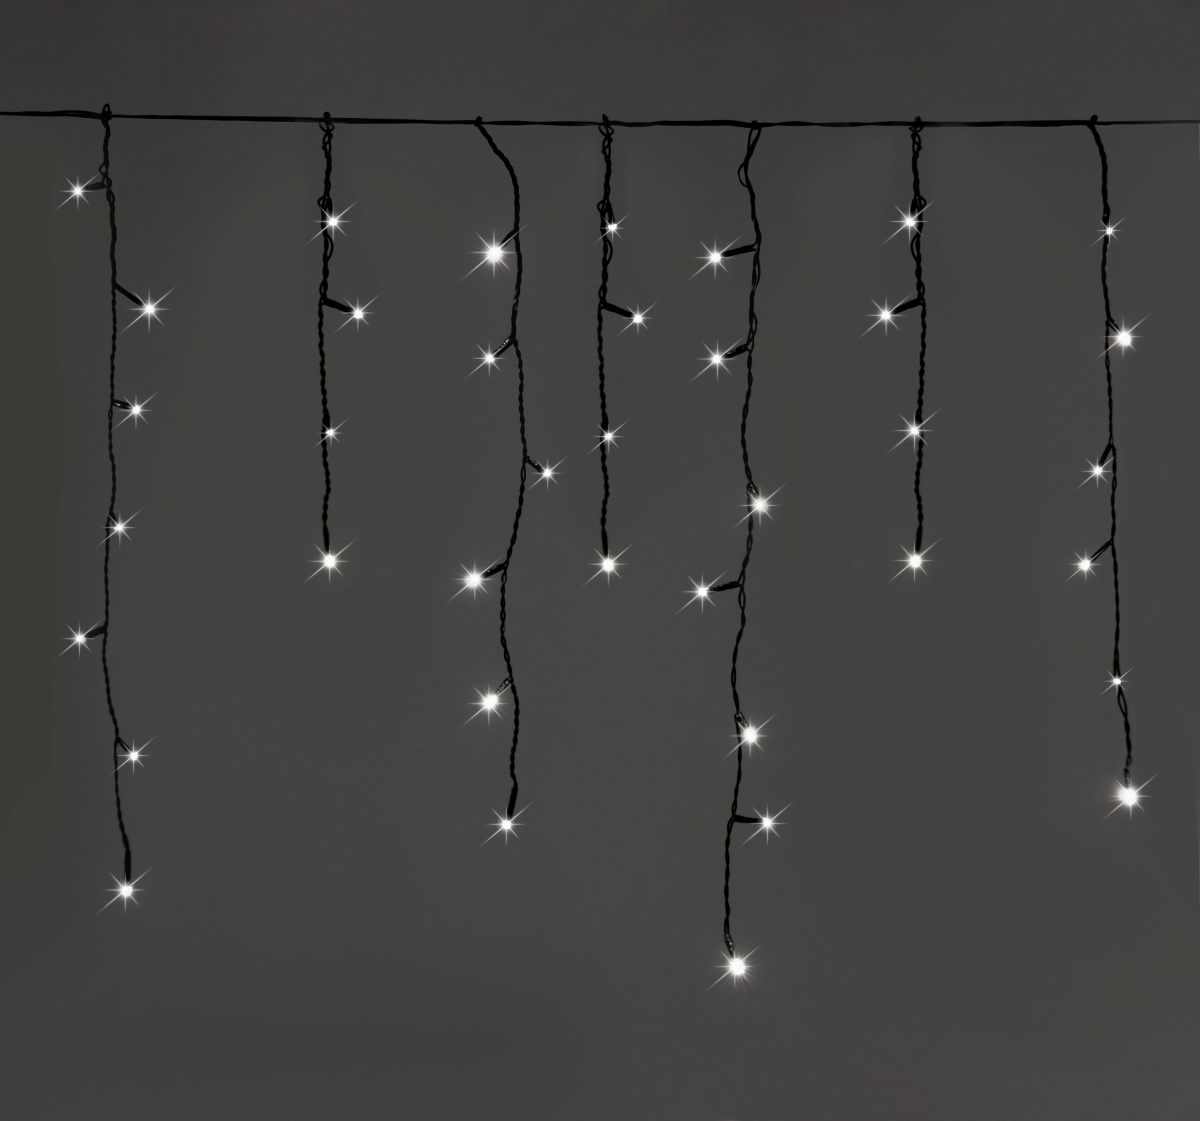 LED světelný déšť 200 LED diod, 8 programů, studené bílé světlo